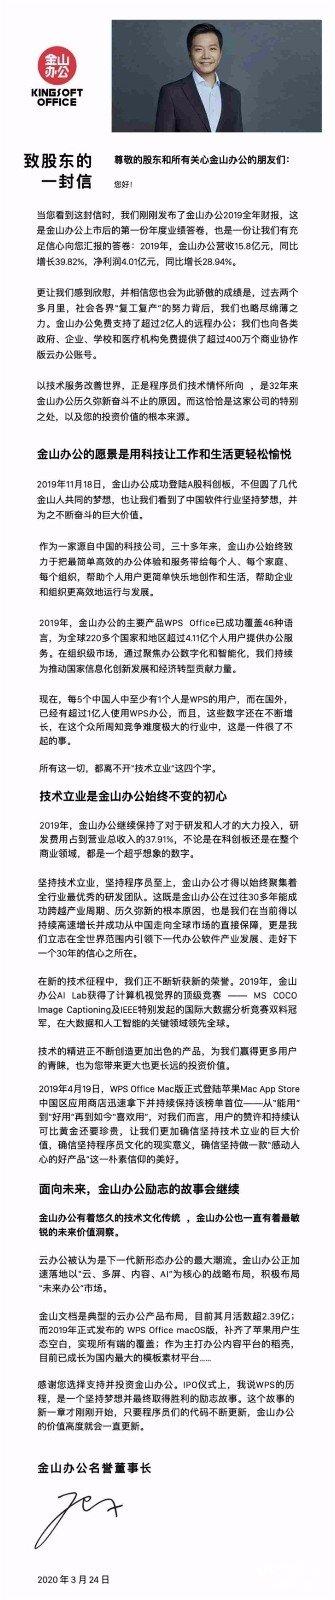 雷军:每5个中国人中至少有1个人是 WPS 用户